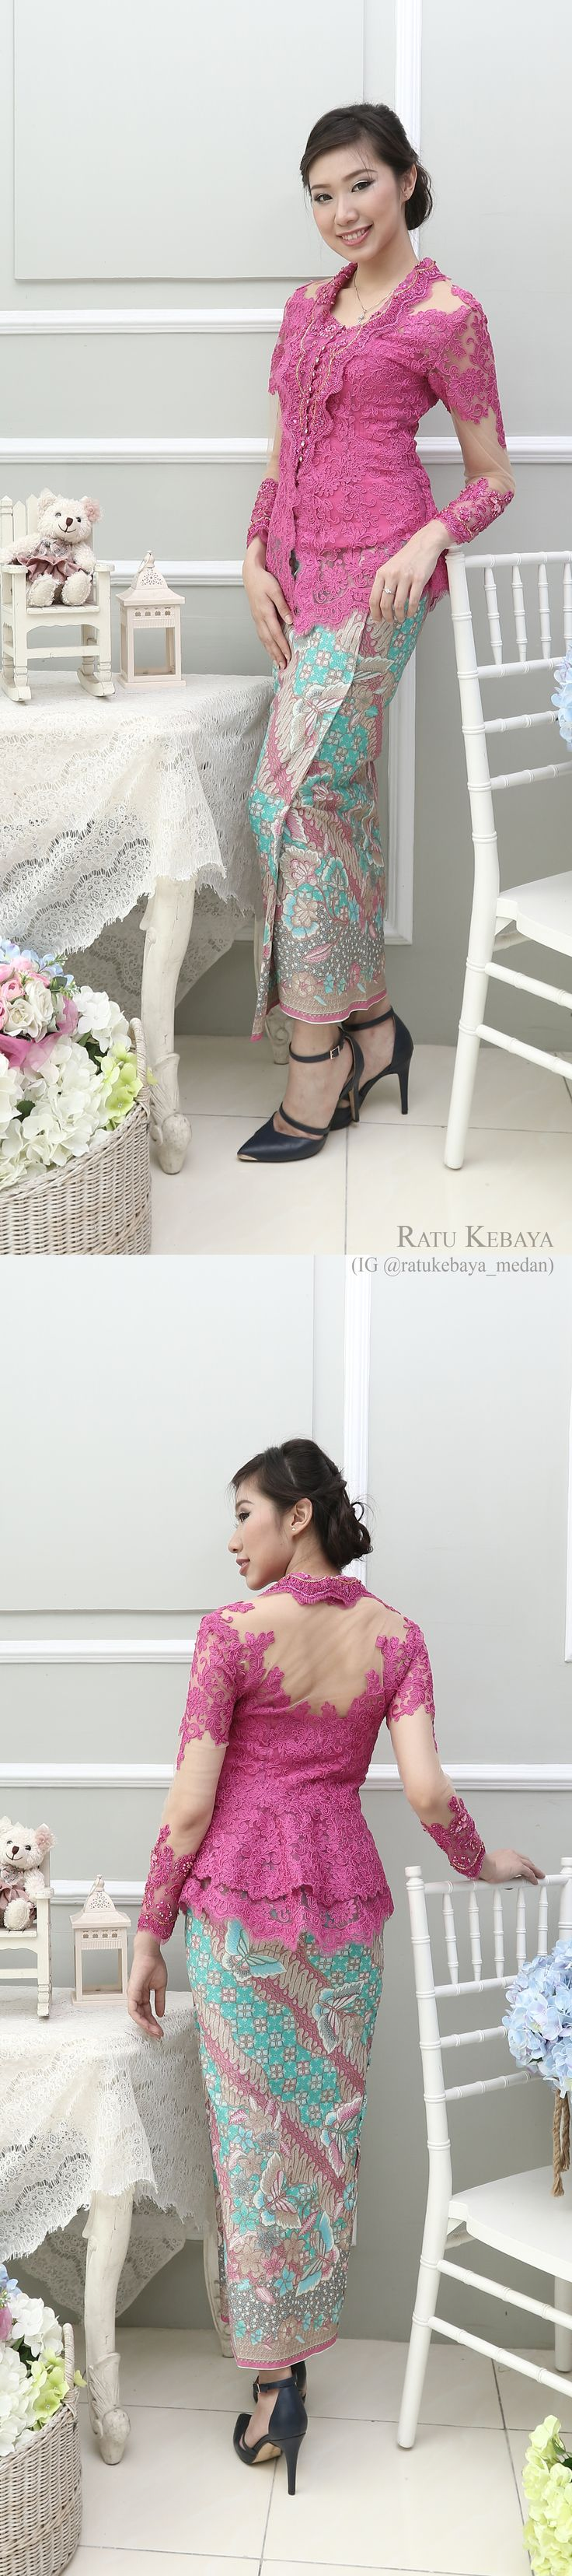 Kebaya @ratukebaya_medan. Kombinasi lace dan batik